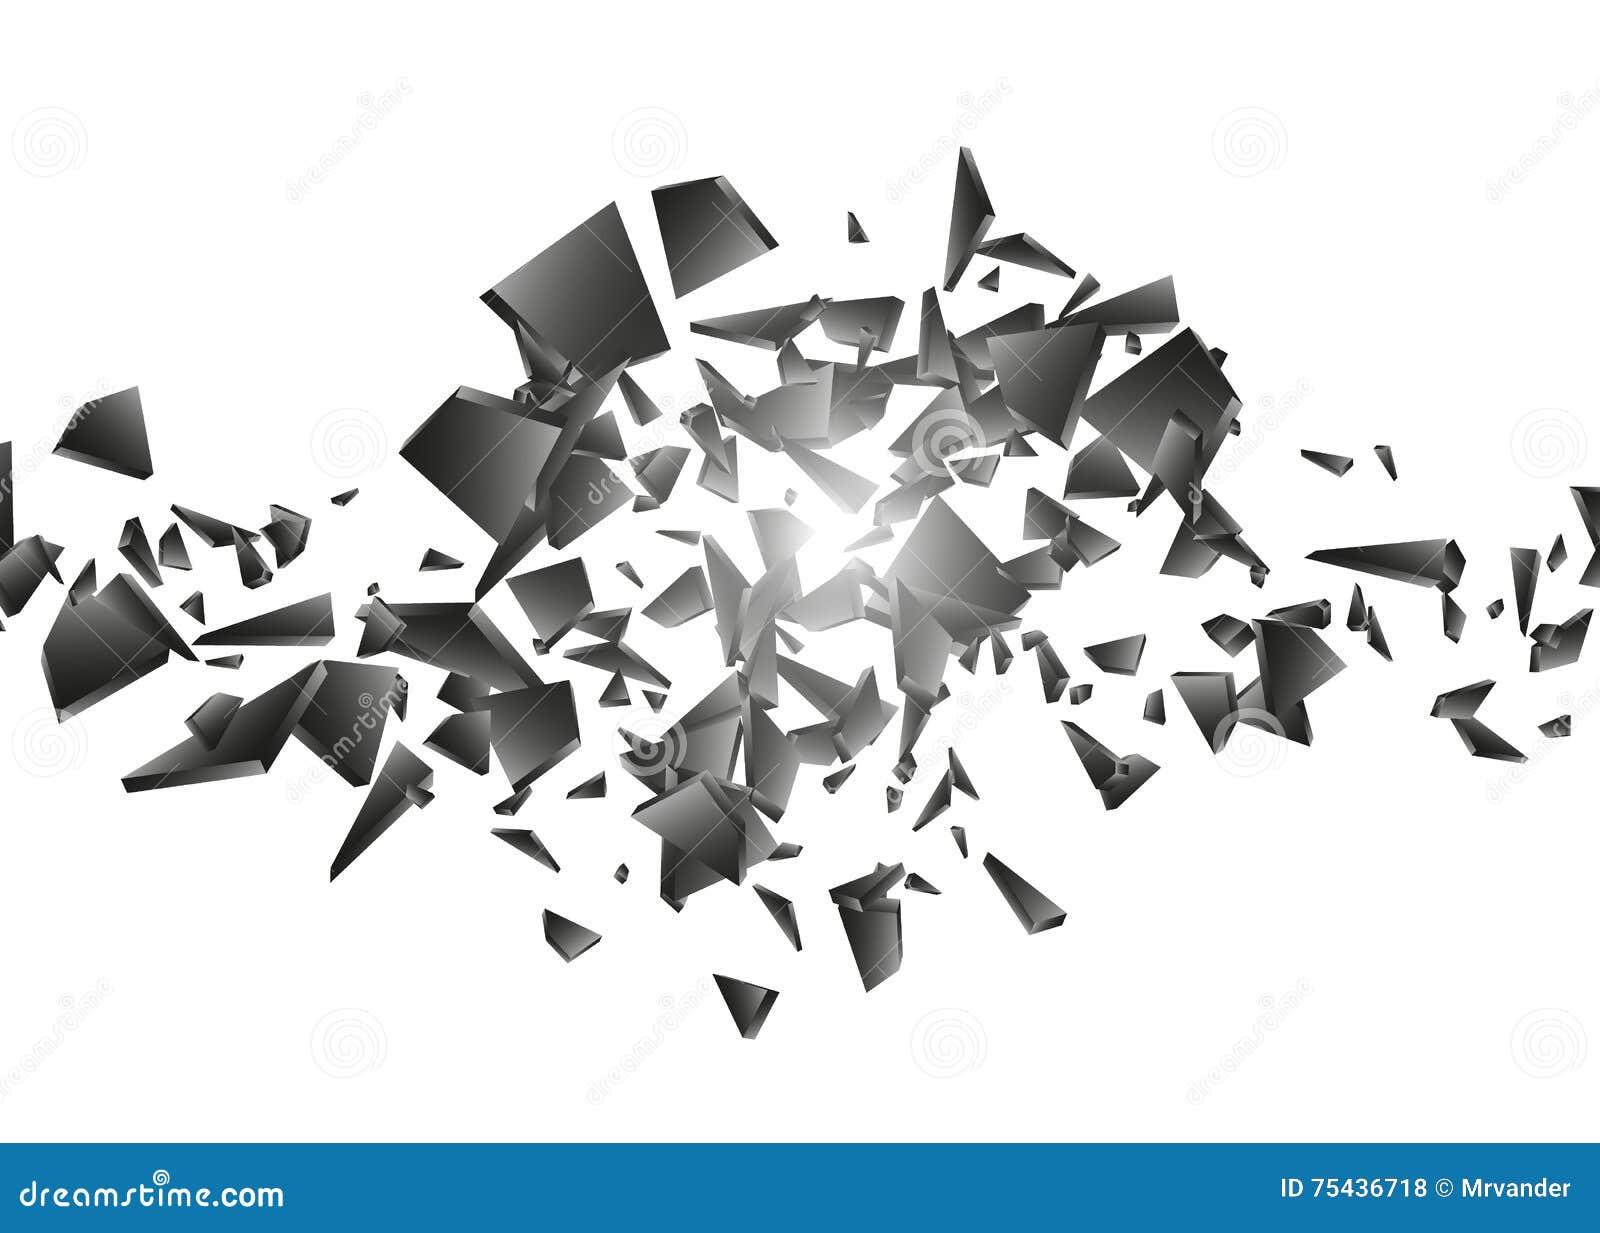 Schwarze Explosion auf weißem Hintergrund Explosionswolke von schwarzen Stücken abstrakte Vektorillustration